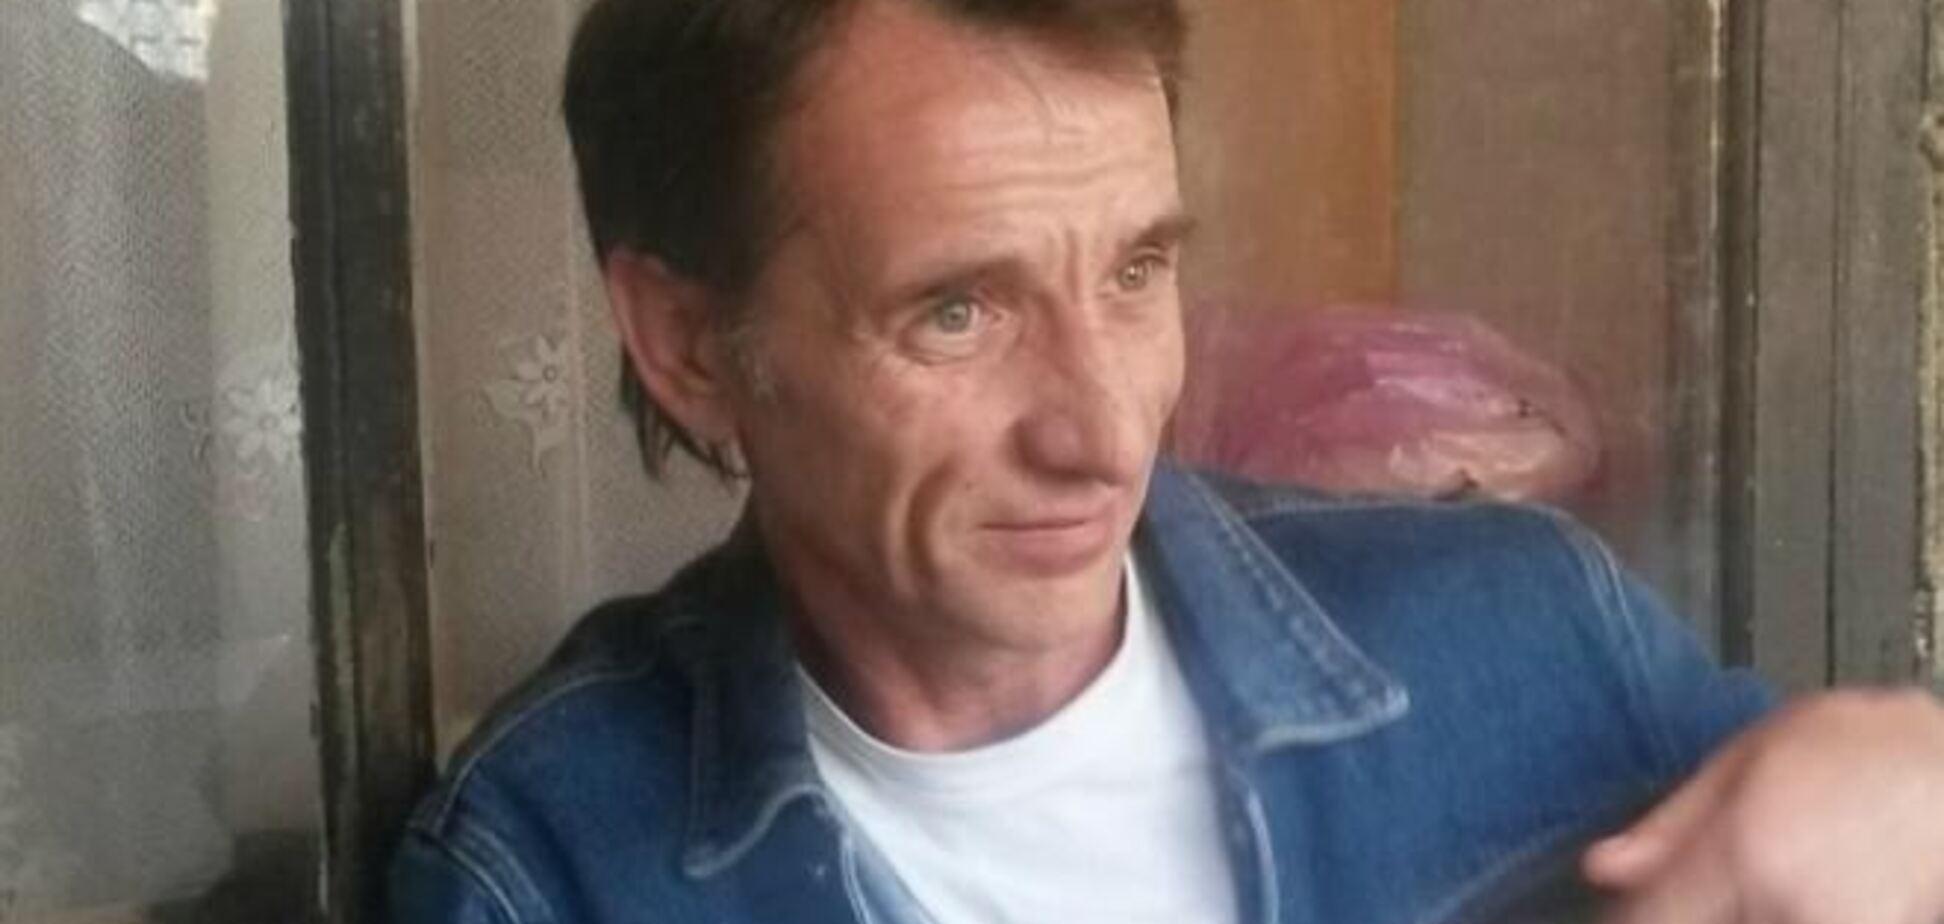 Українські лікарі вимагають 30 тис. грн за лікування вижив на Азові рибалки - ЗМІ